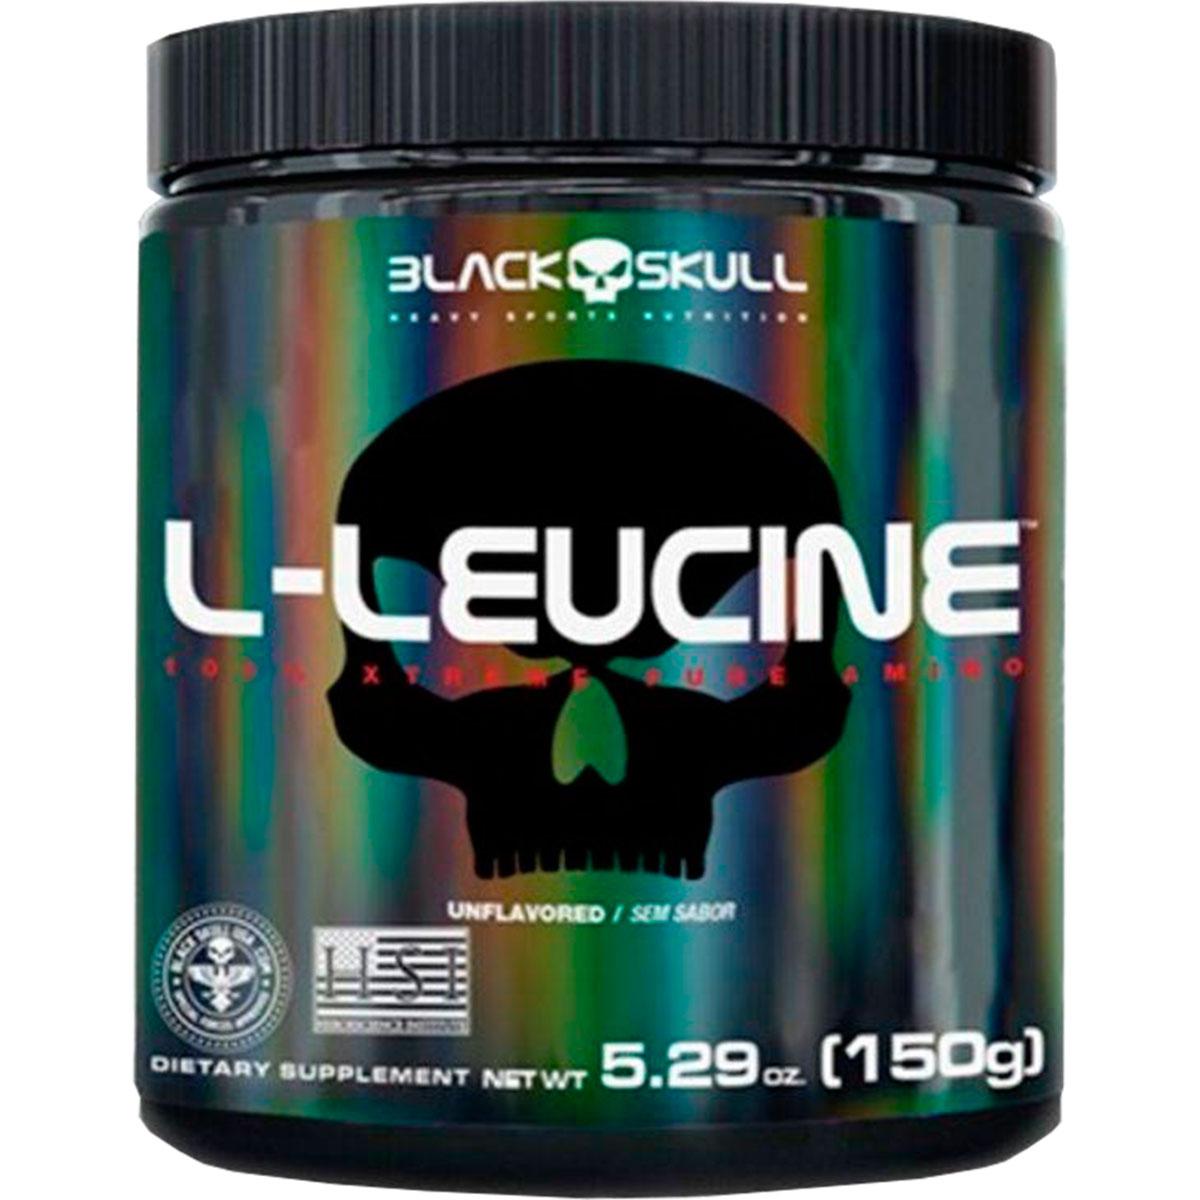 L-Leucine 150g - Balck Skull